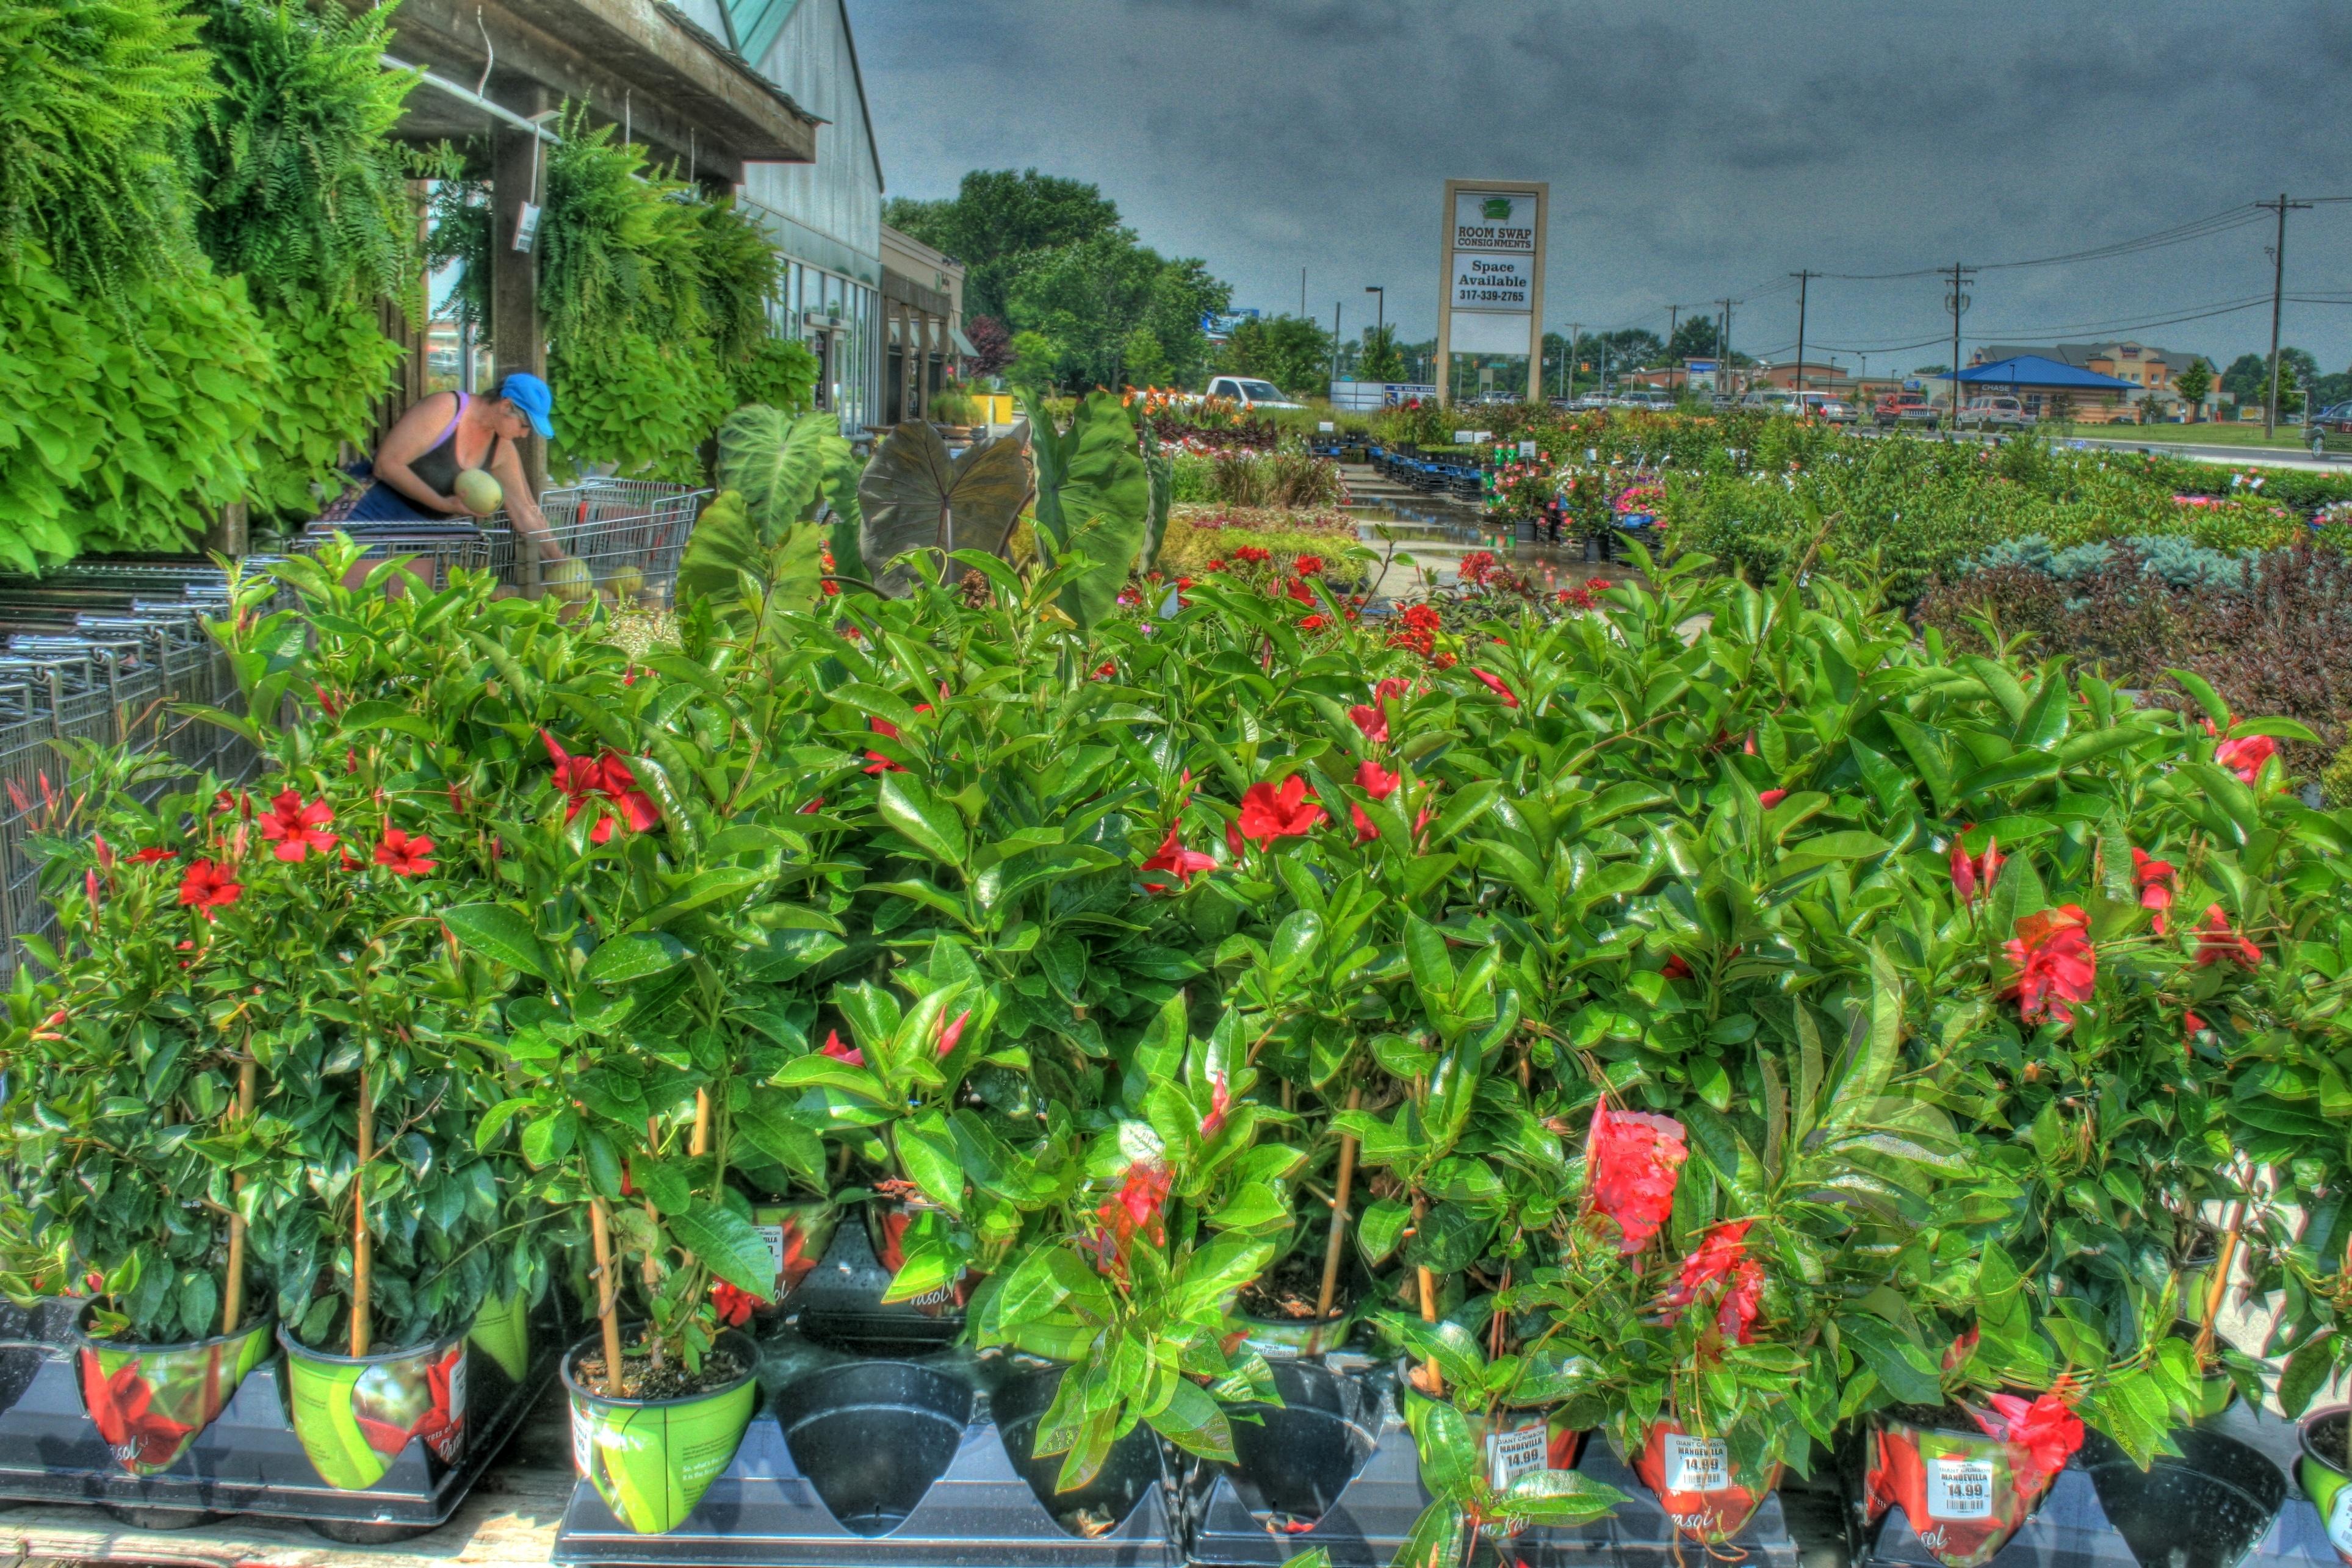 Avon Indiana Farmers Market